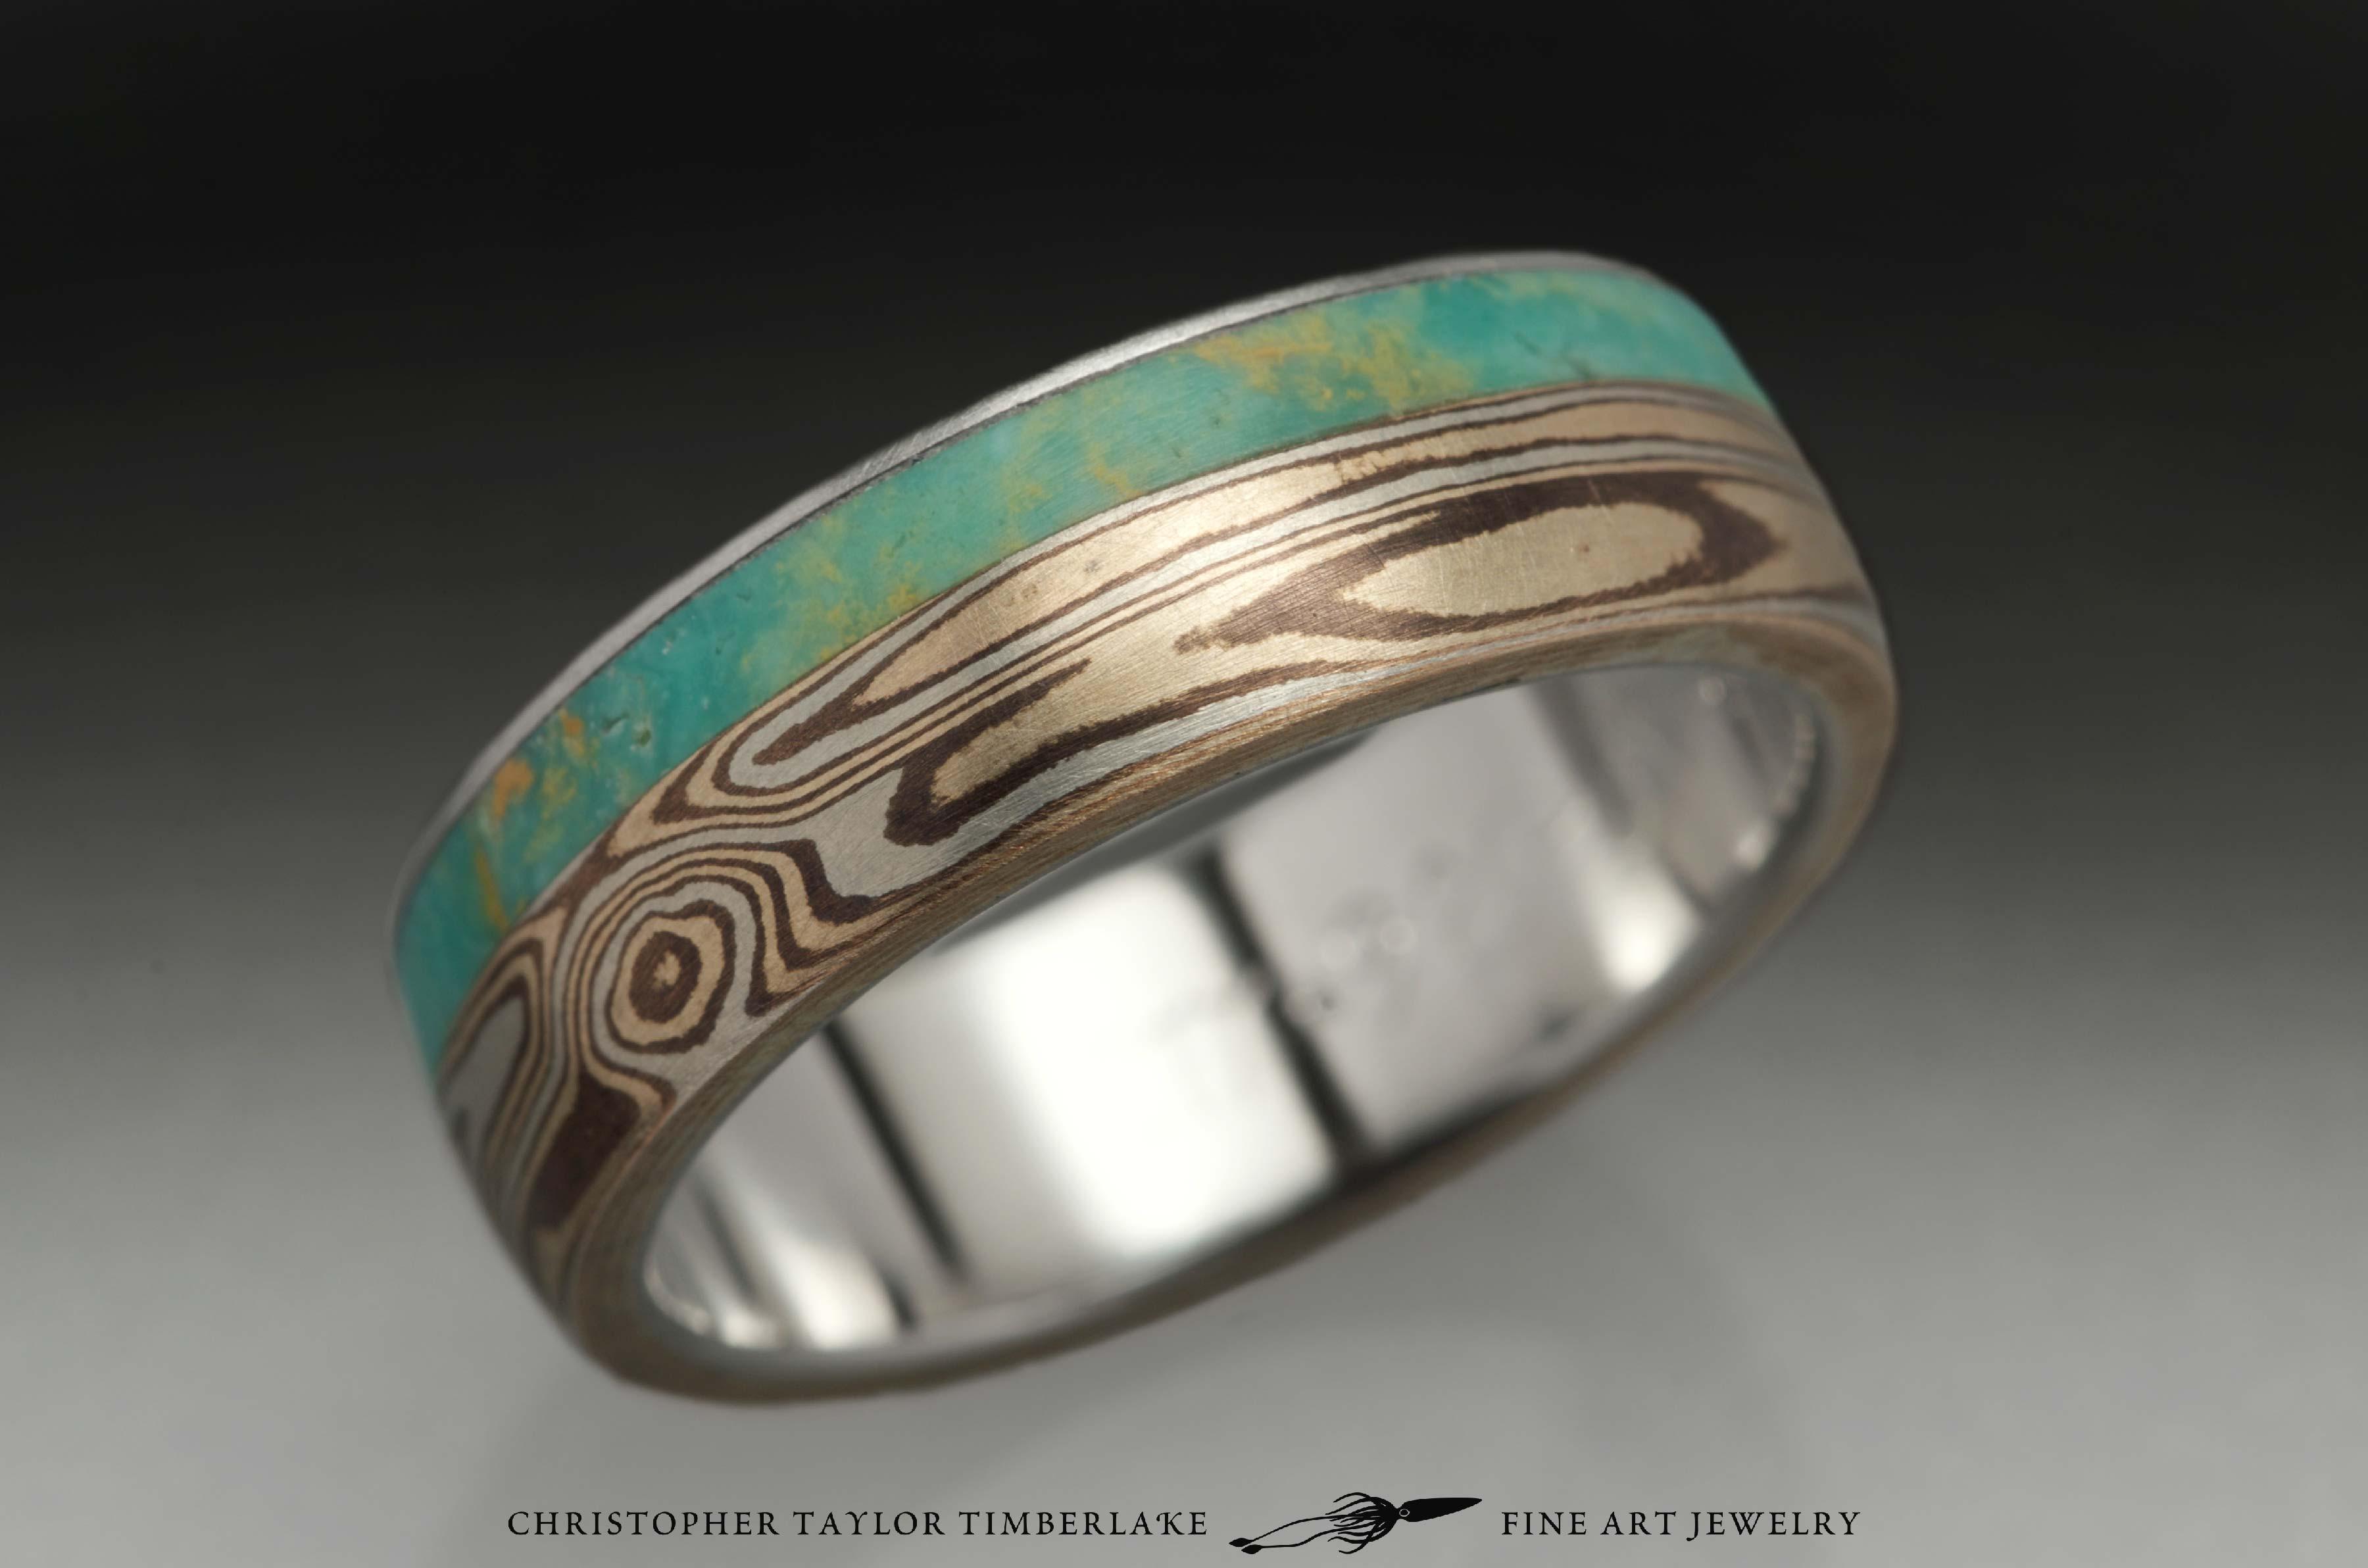 Mokumé-Mokume-Gane-Ring-(M90)-sterling-silver,-shakudo-2k,-kogane-3k,-green-turquoise-inlay-(4-2mm),-stainless,-domed,-woodgrain,-6mm-5